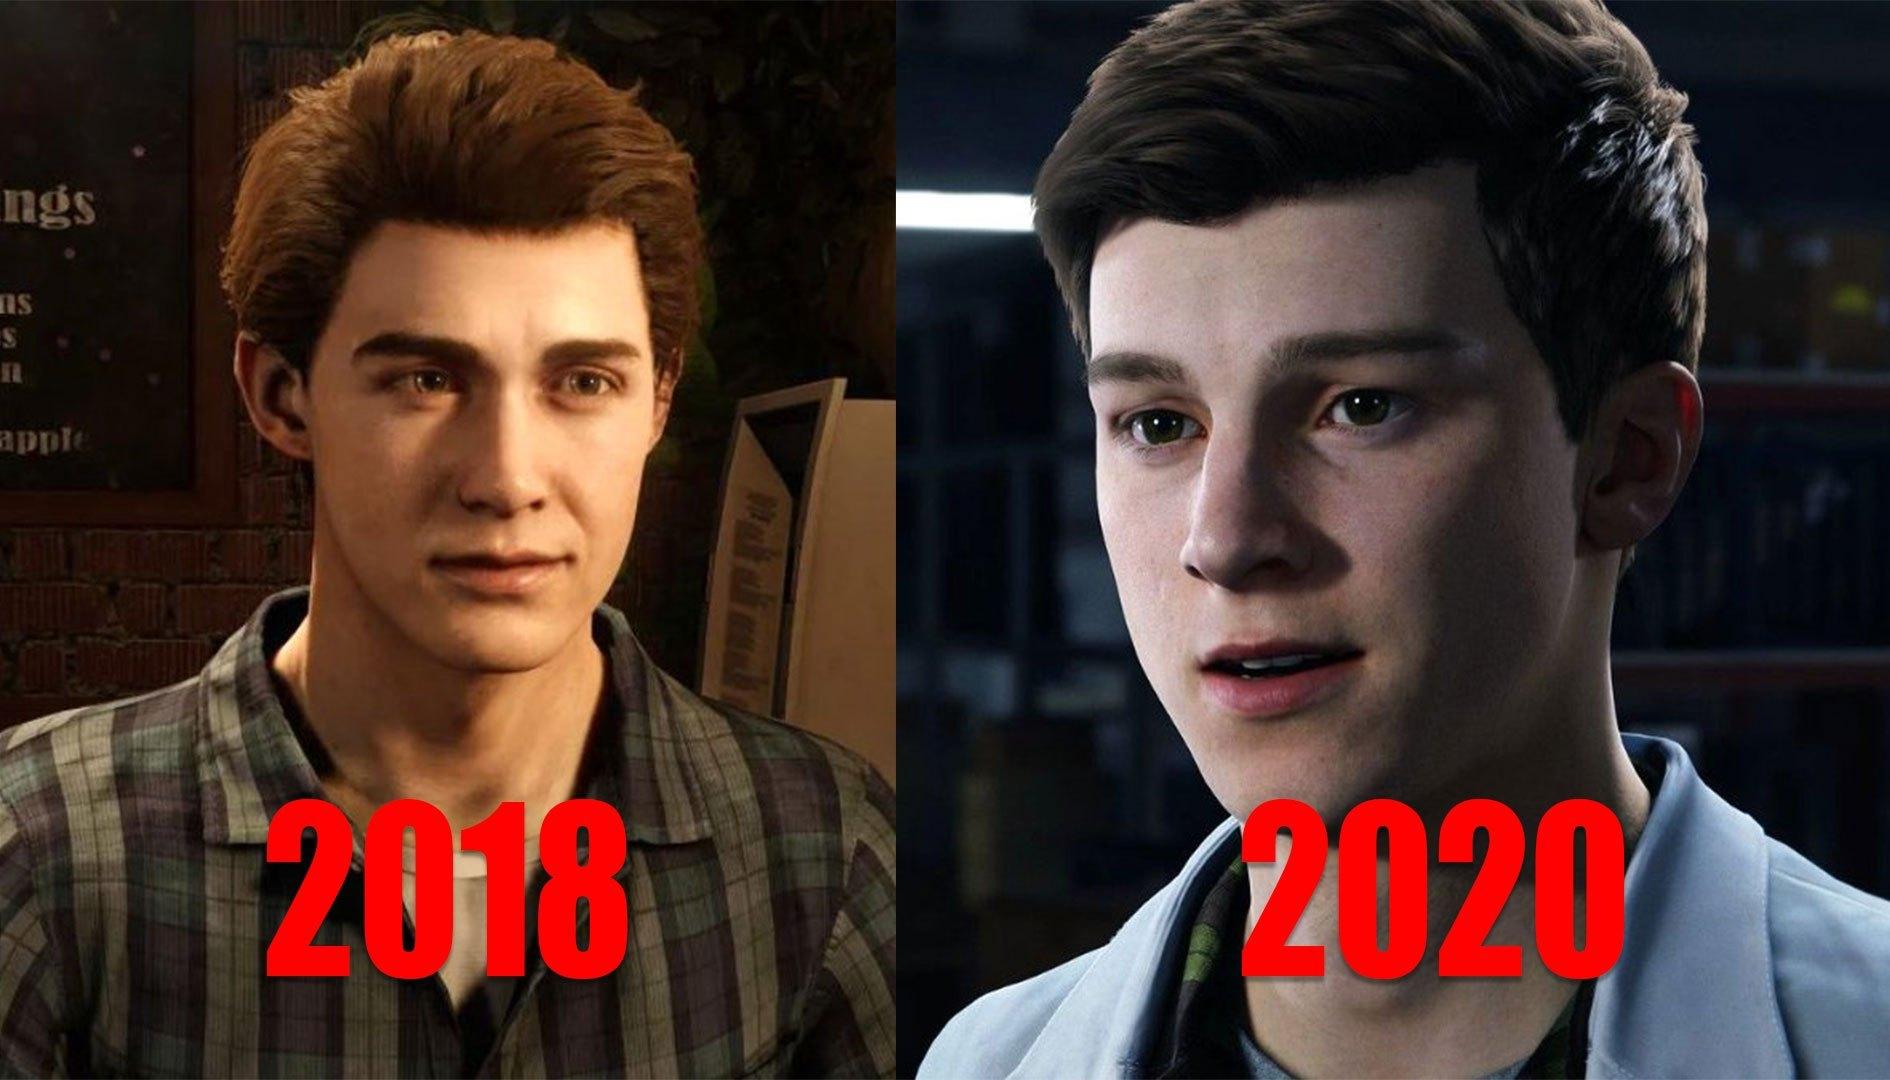 调查显示:近半数玩家更喜欢《漫威蜘蛛侠》原版脸模